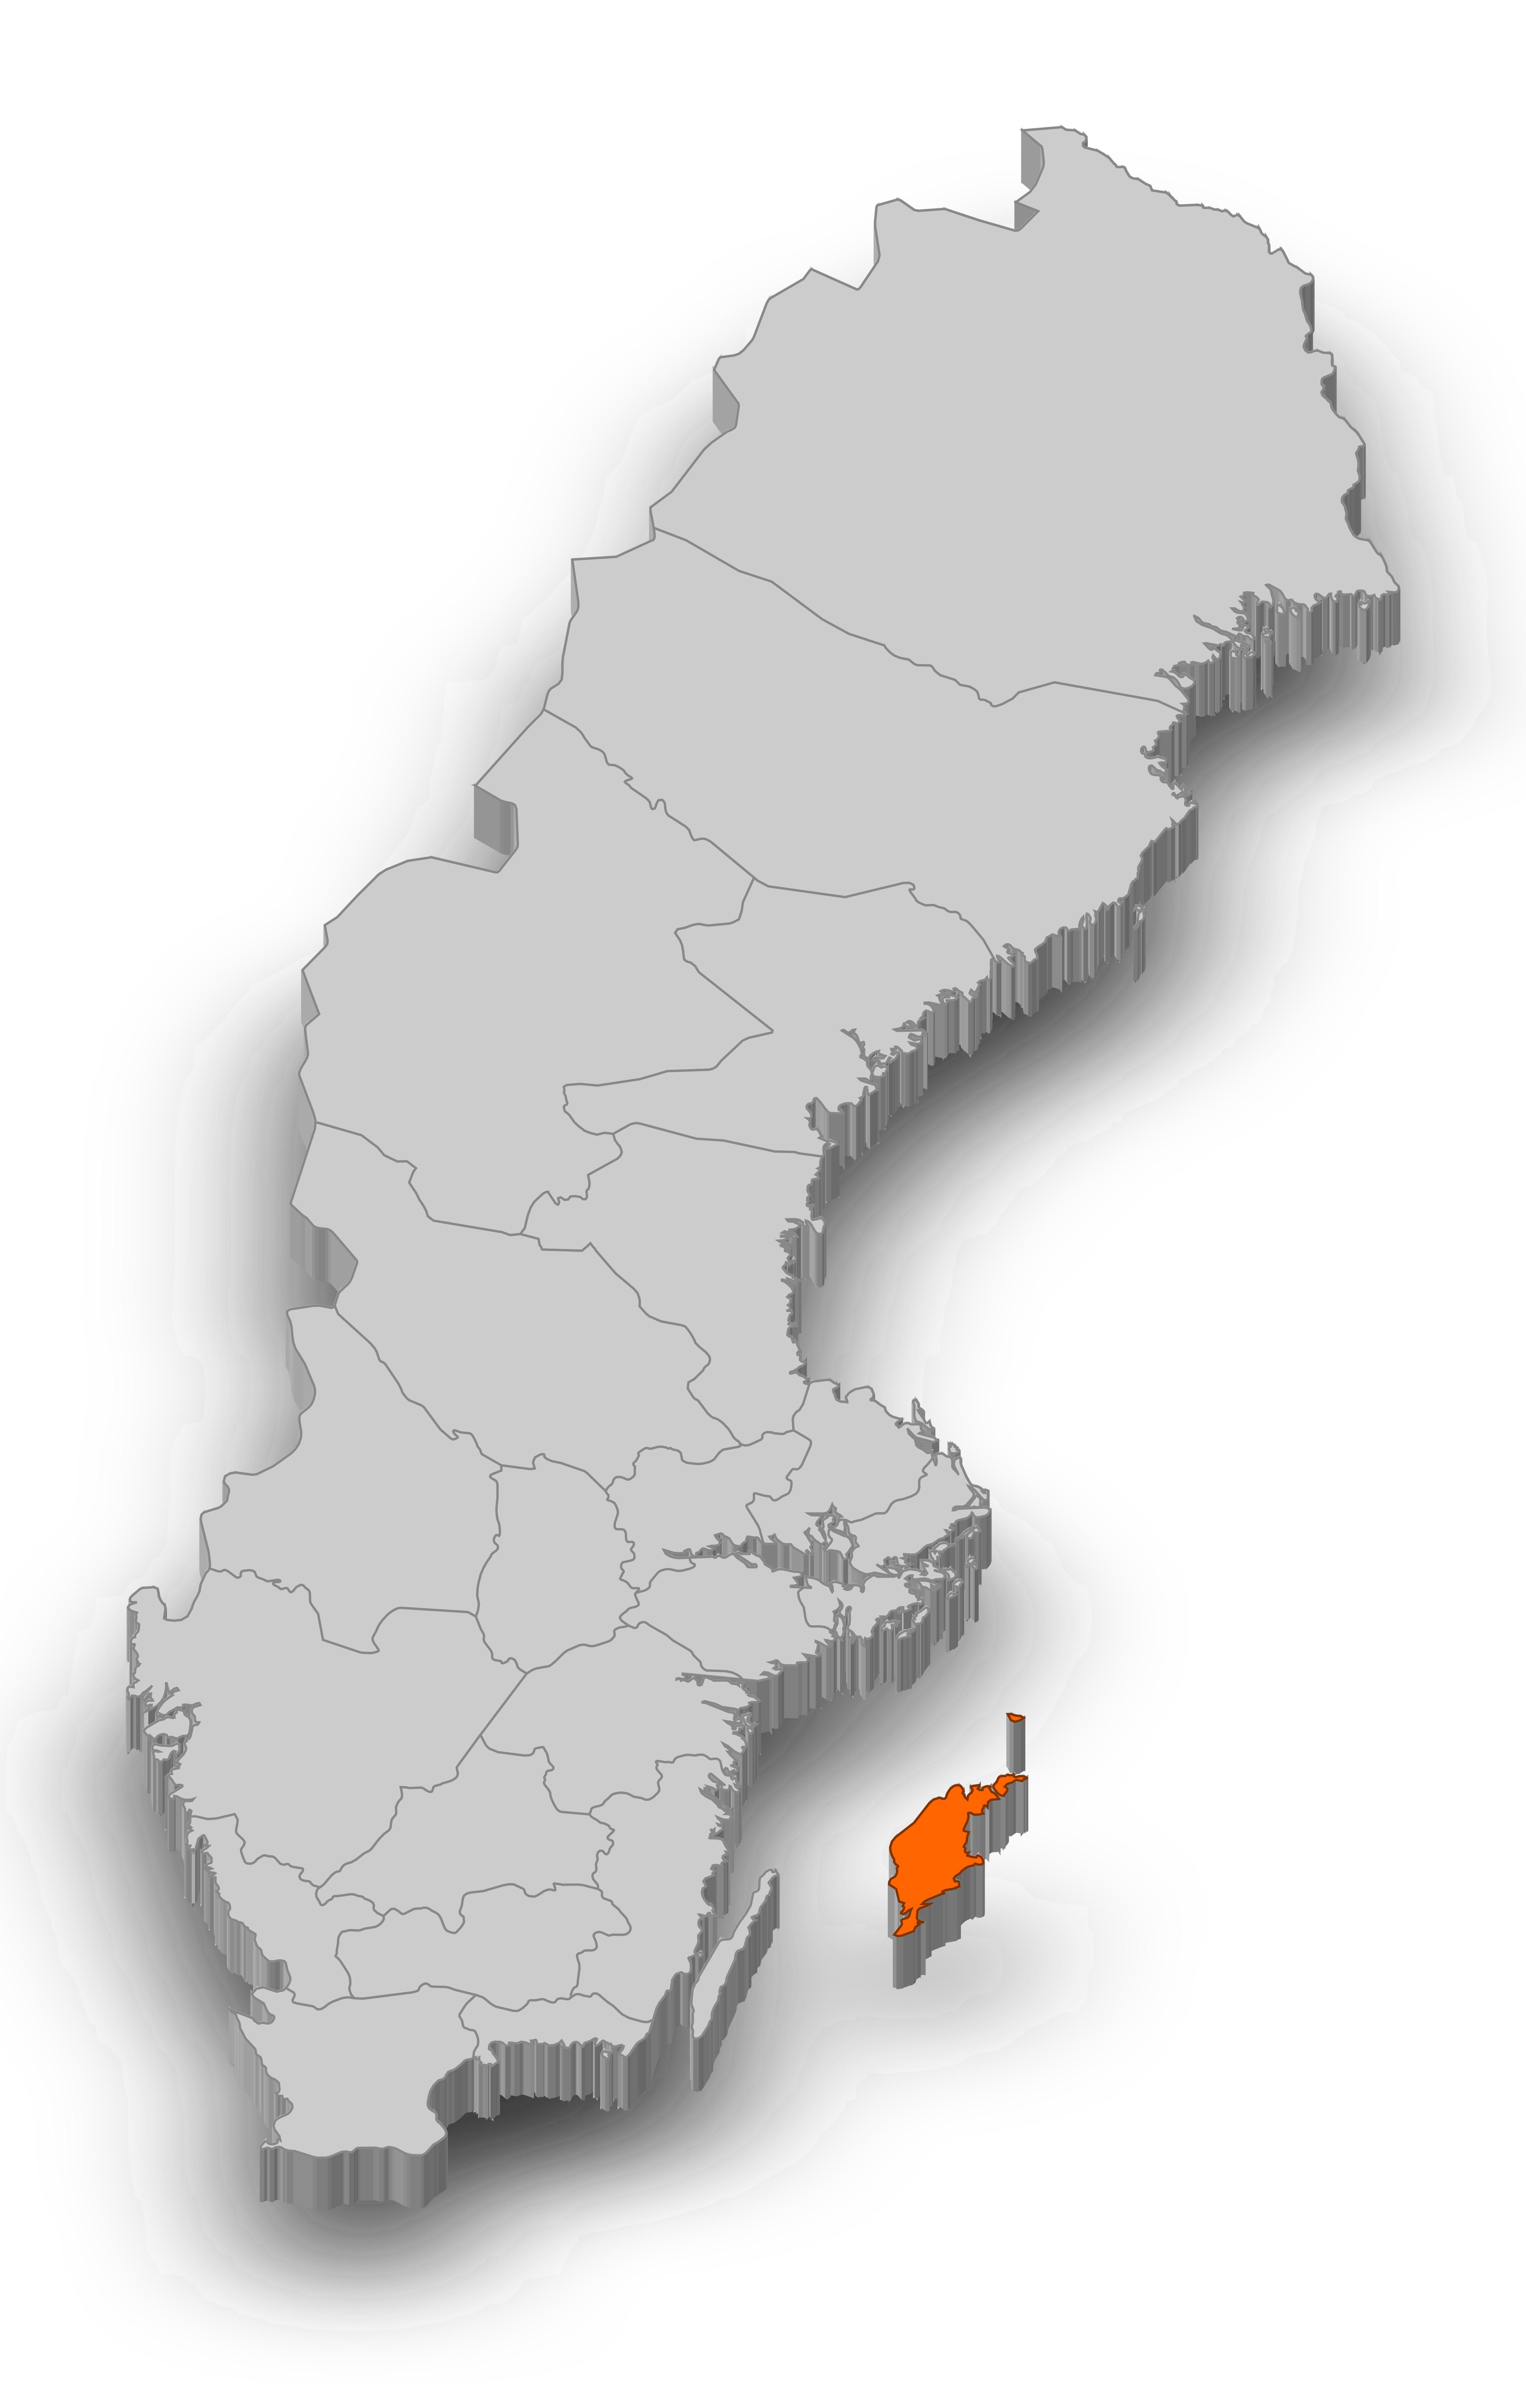 bra karta över gotland Resa till Gotland   Almedalsveckan bra karta över gotland